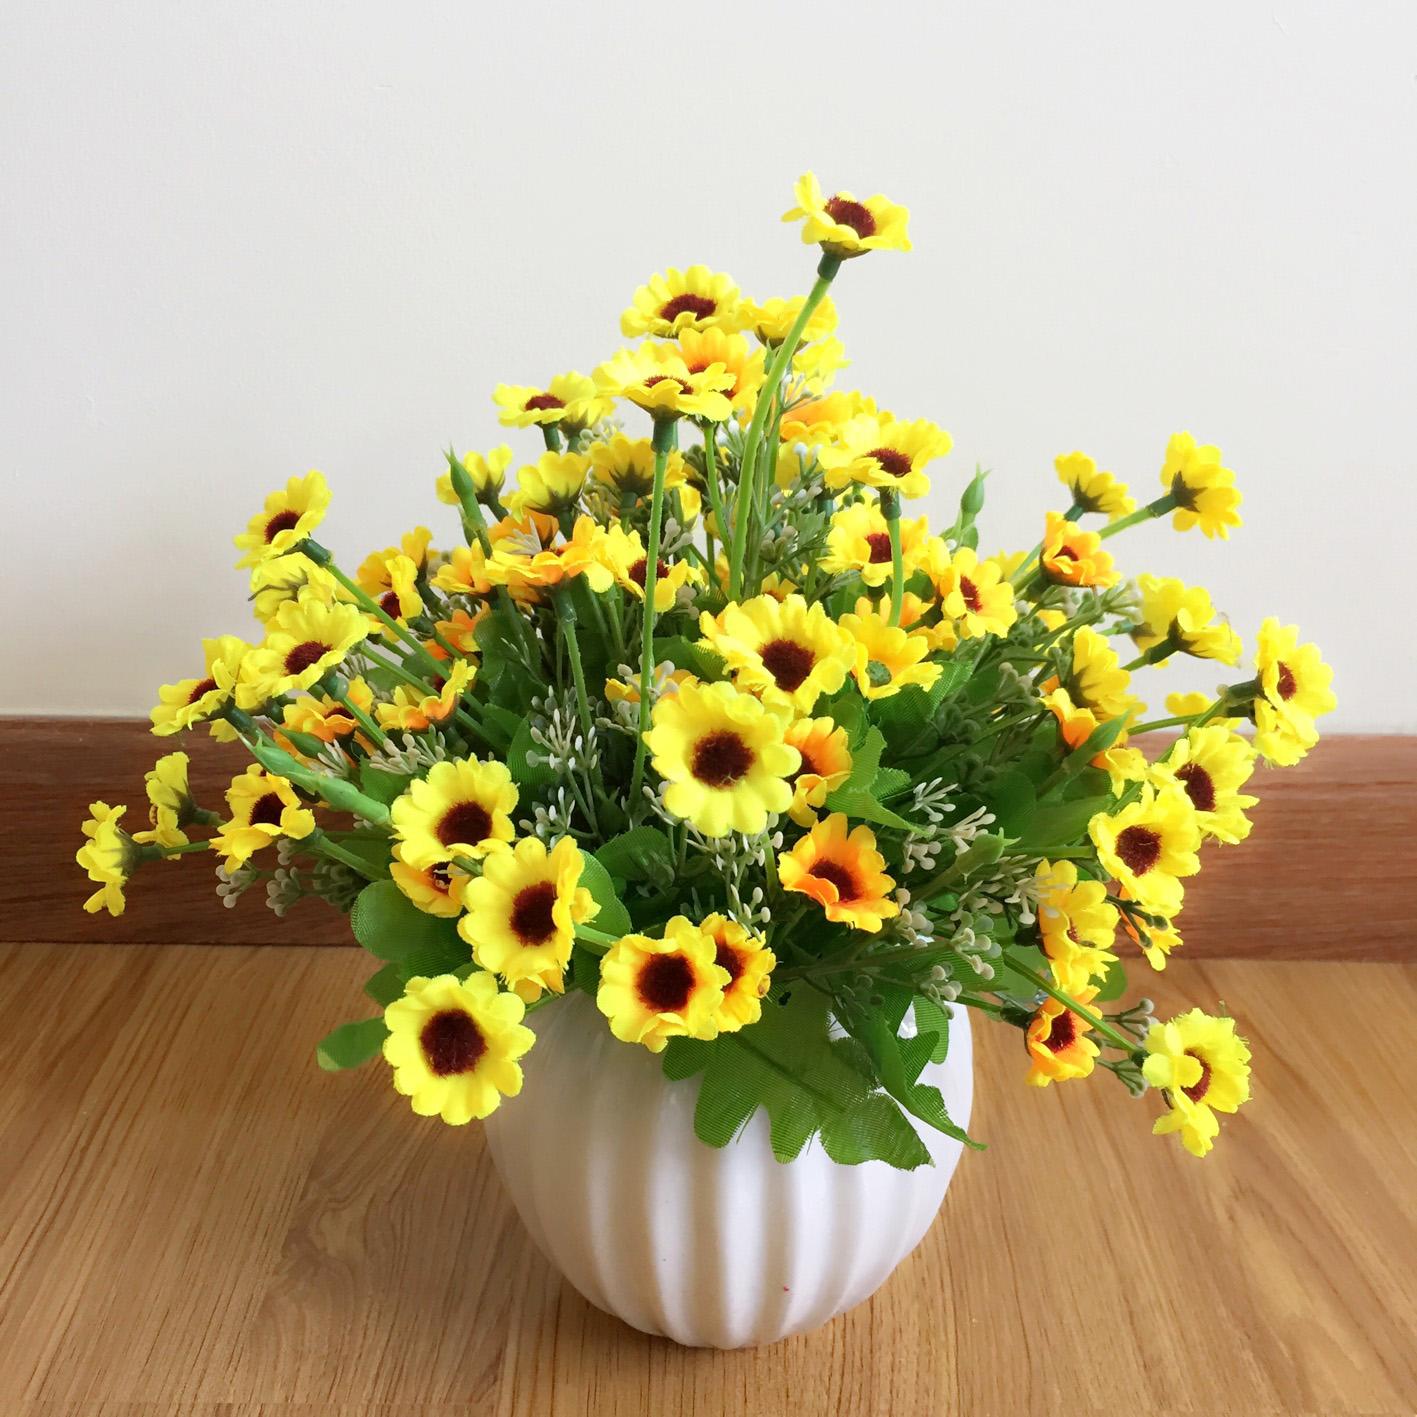 Bình hoa giả hoa cúc vàng ZVGHCV00012